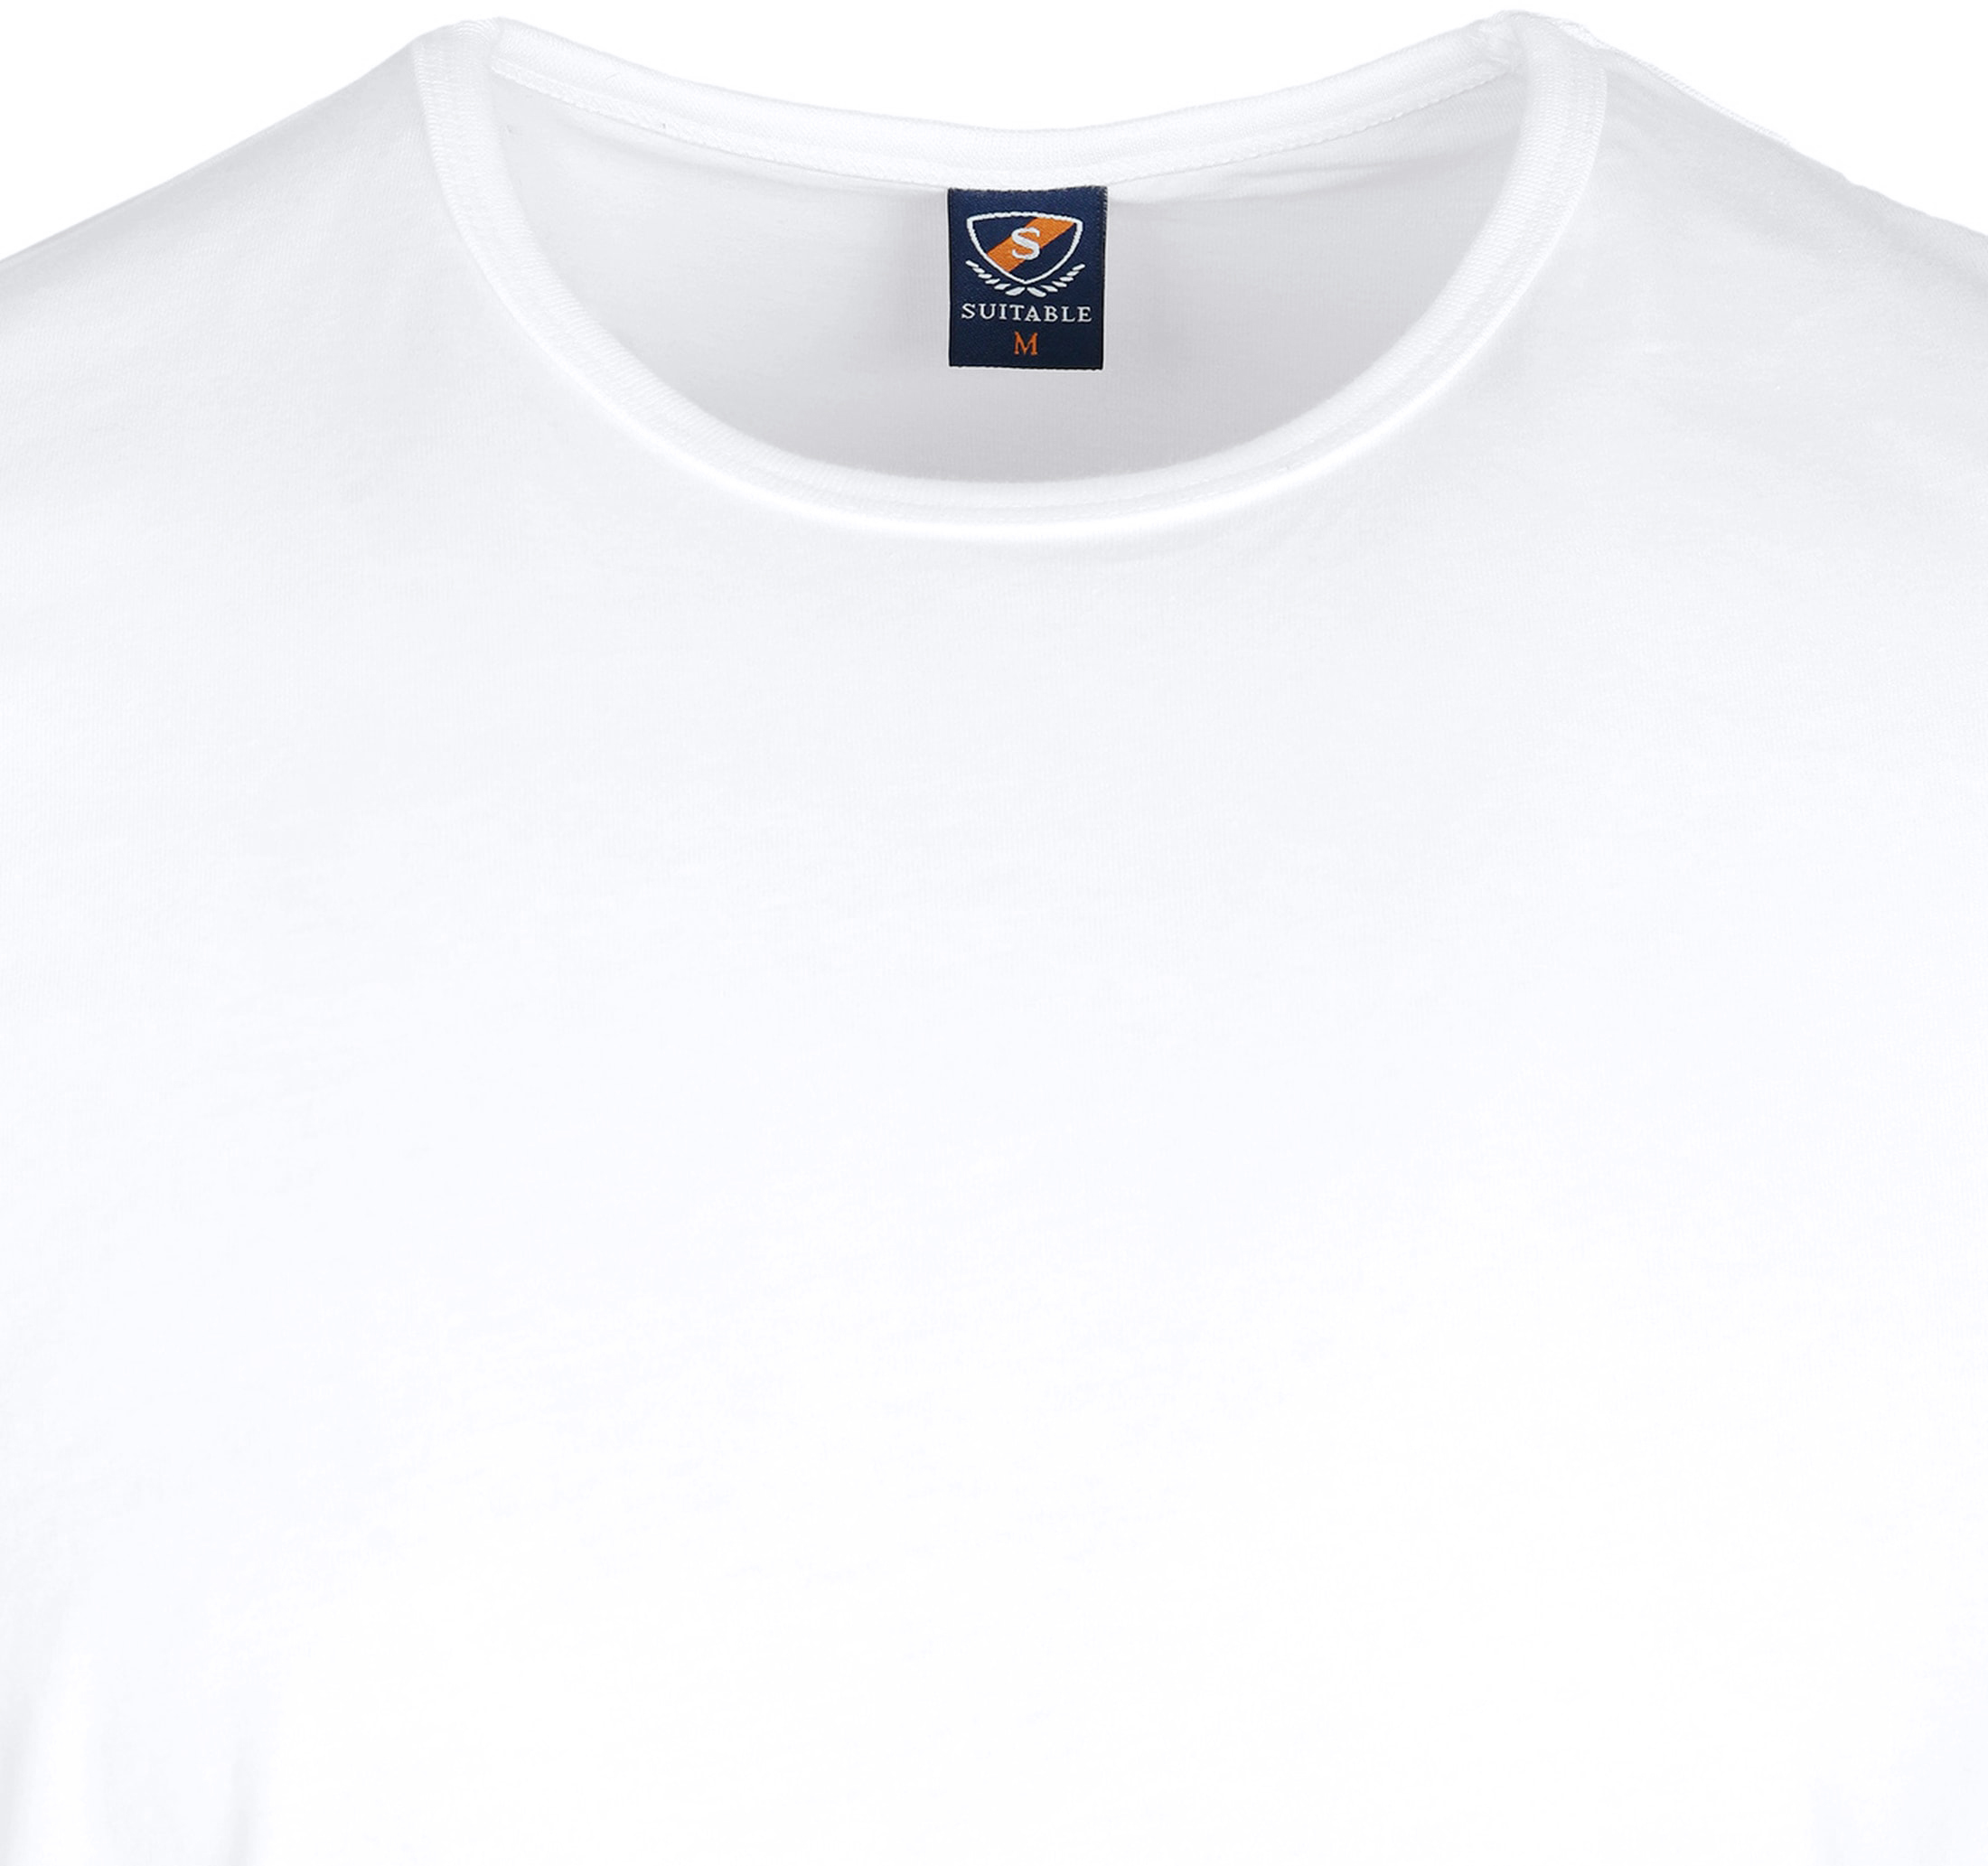 T-Shirt Rund Hals 6-Pack (6 Stück) Weiß foto 3